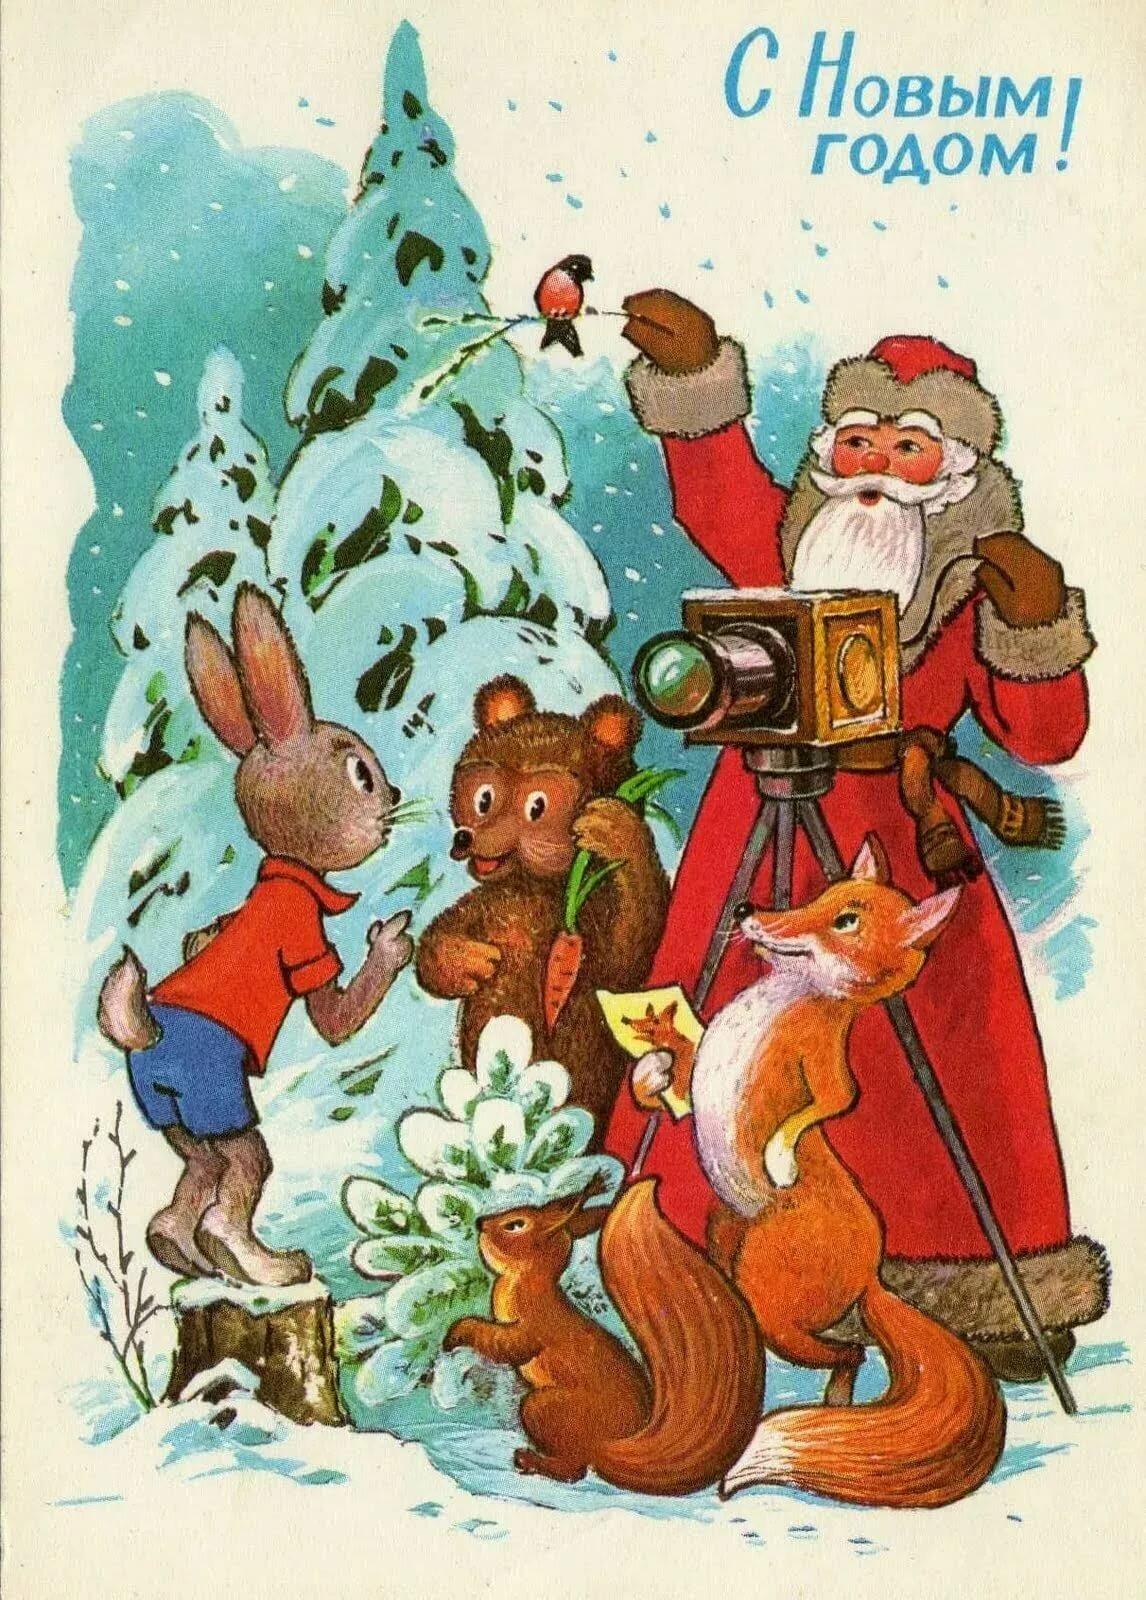 Новогодние открытки 2000-х годов, открытка